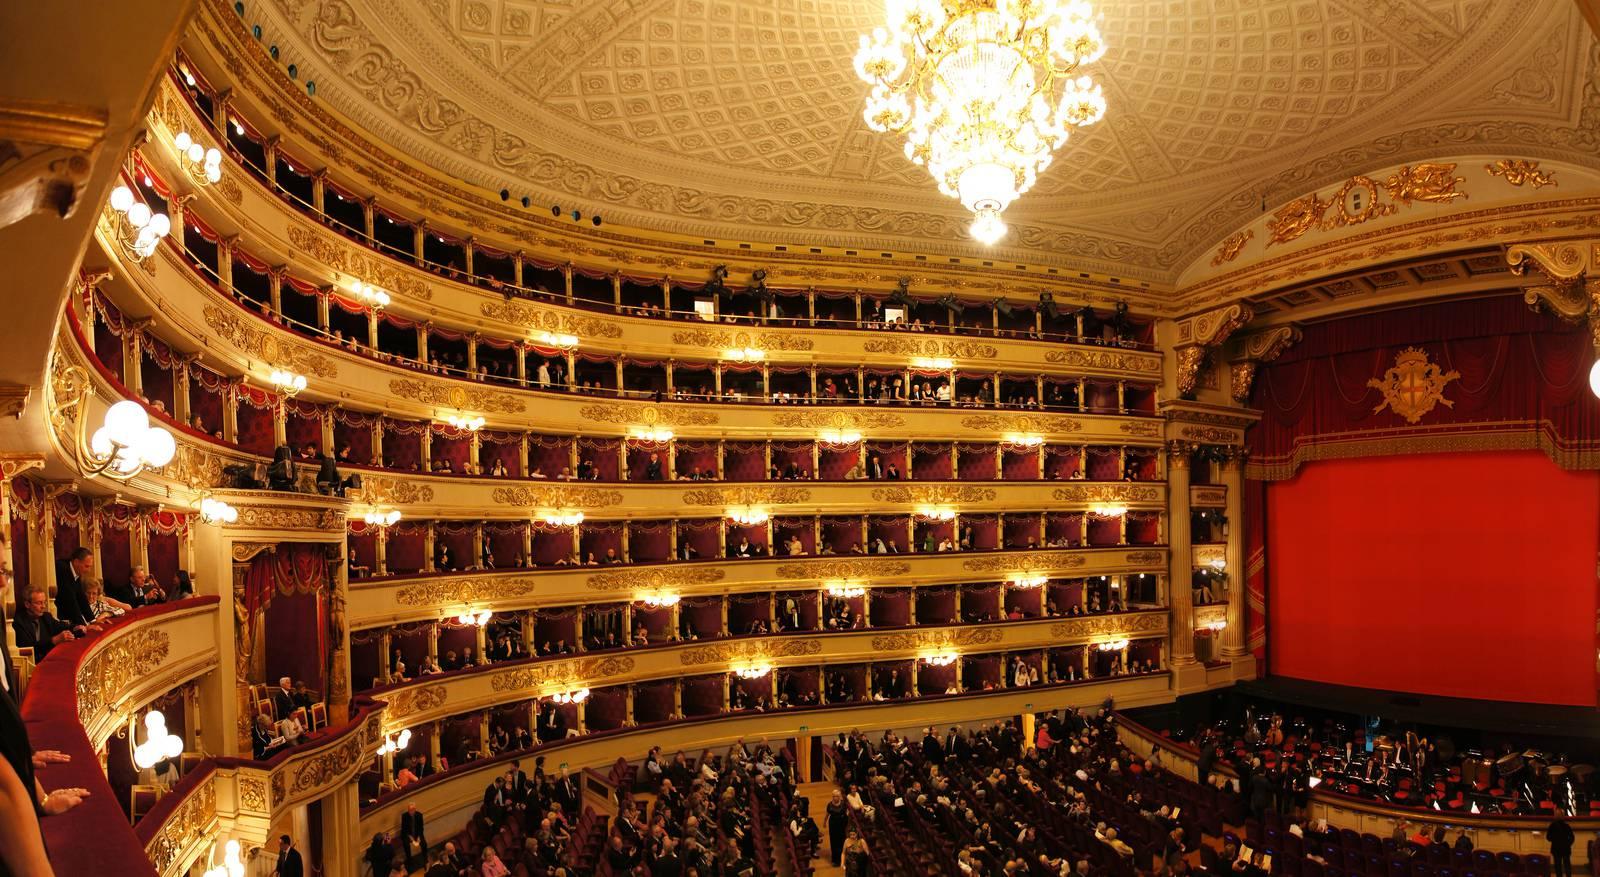 Teatro alla Scala - Il tempio delle meraviglie: un'immagine del celebre teatro